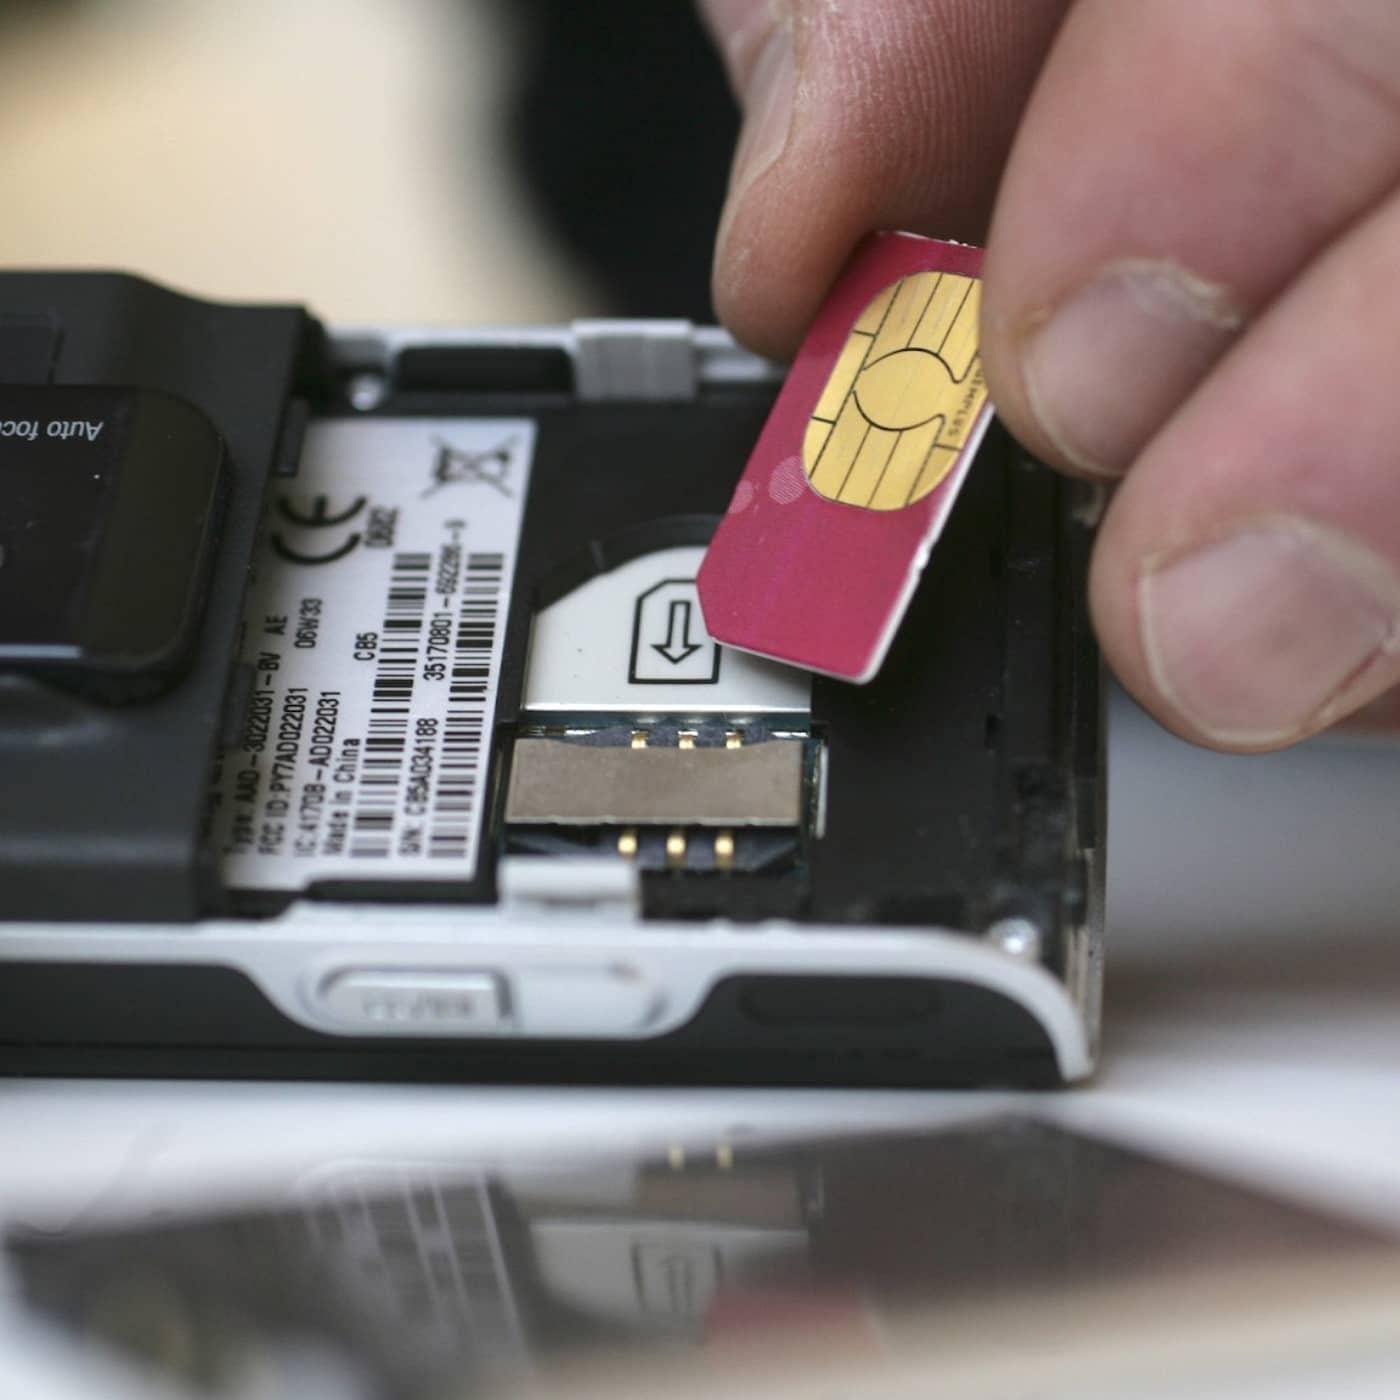 Den krypterade kampen – så navigerar polis och kriminella i den digitala världen